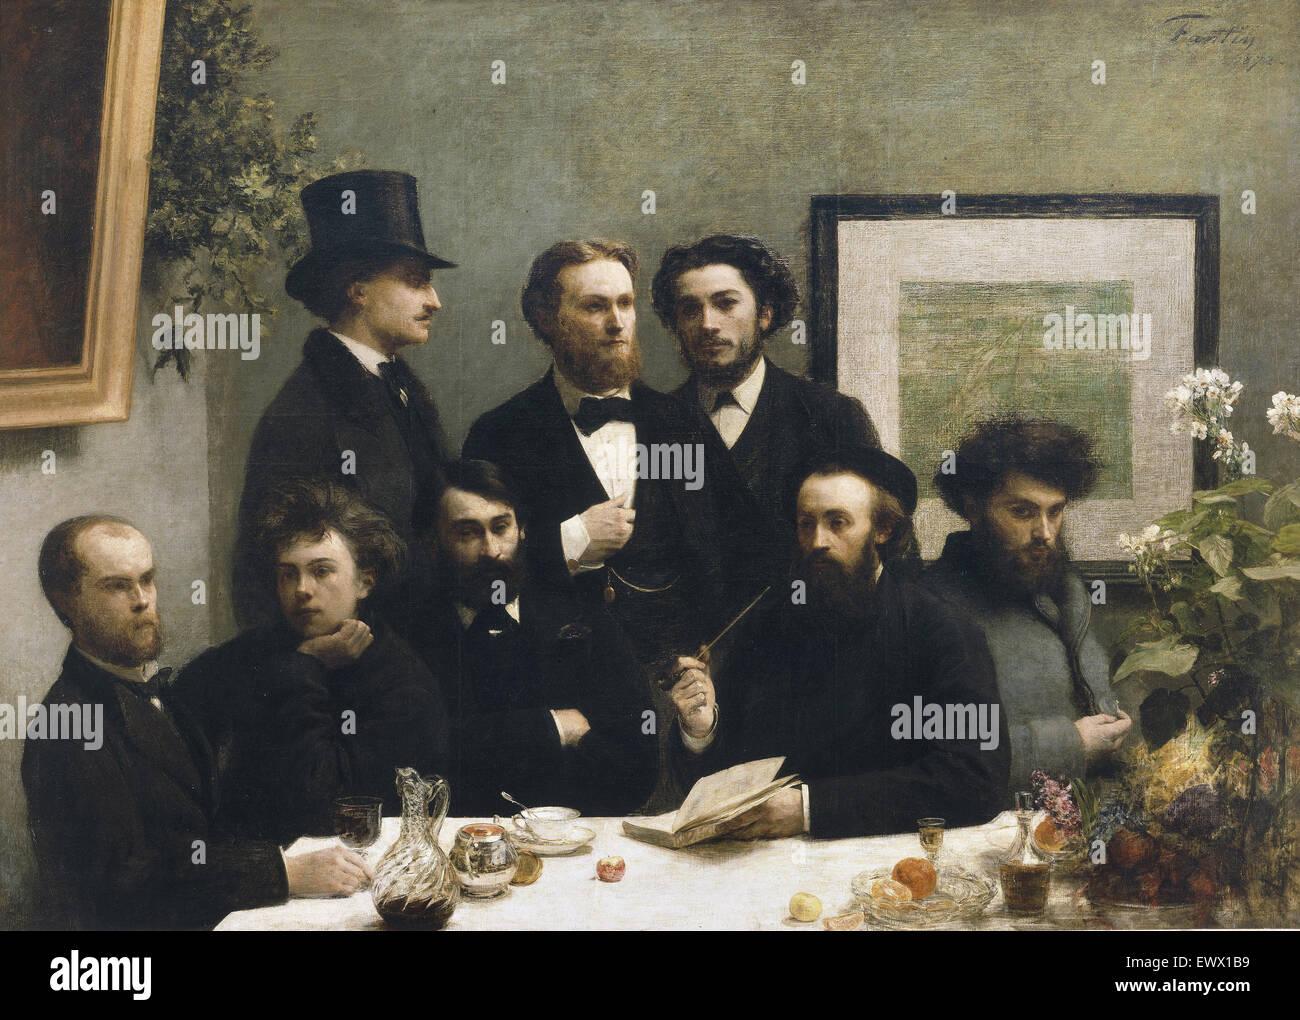 Henri Fantin-Latour, par le tableau 1872 Huile sur toile. Musée d'Orsay, Paris, France. Photo Stock